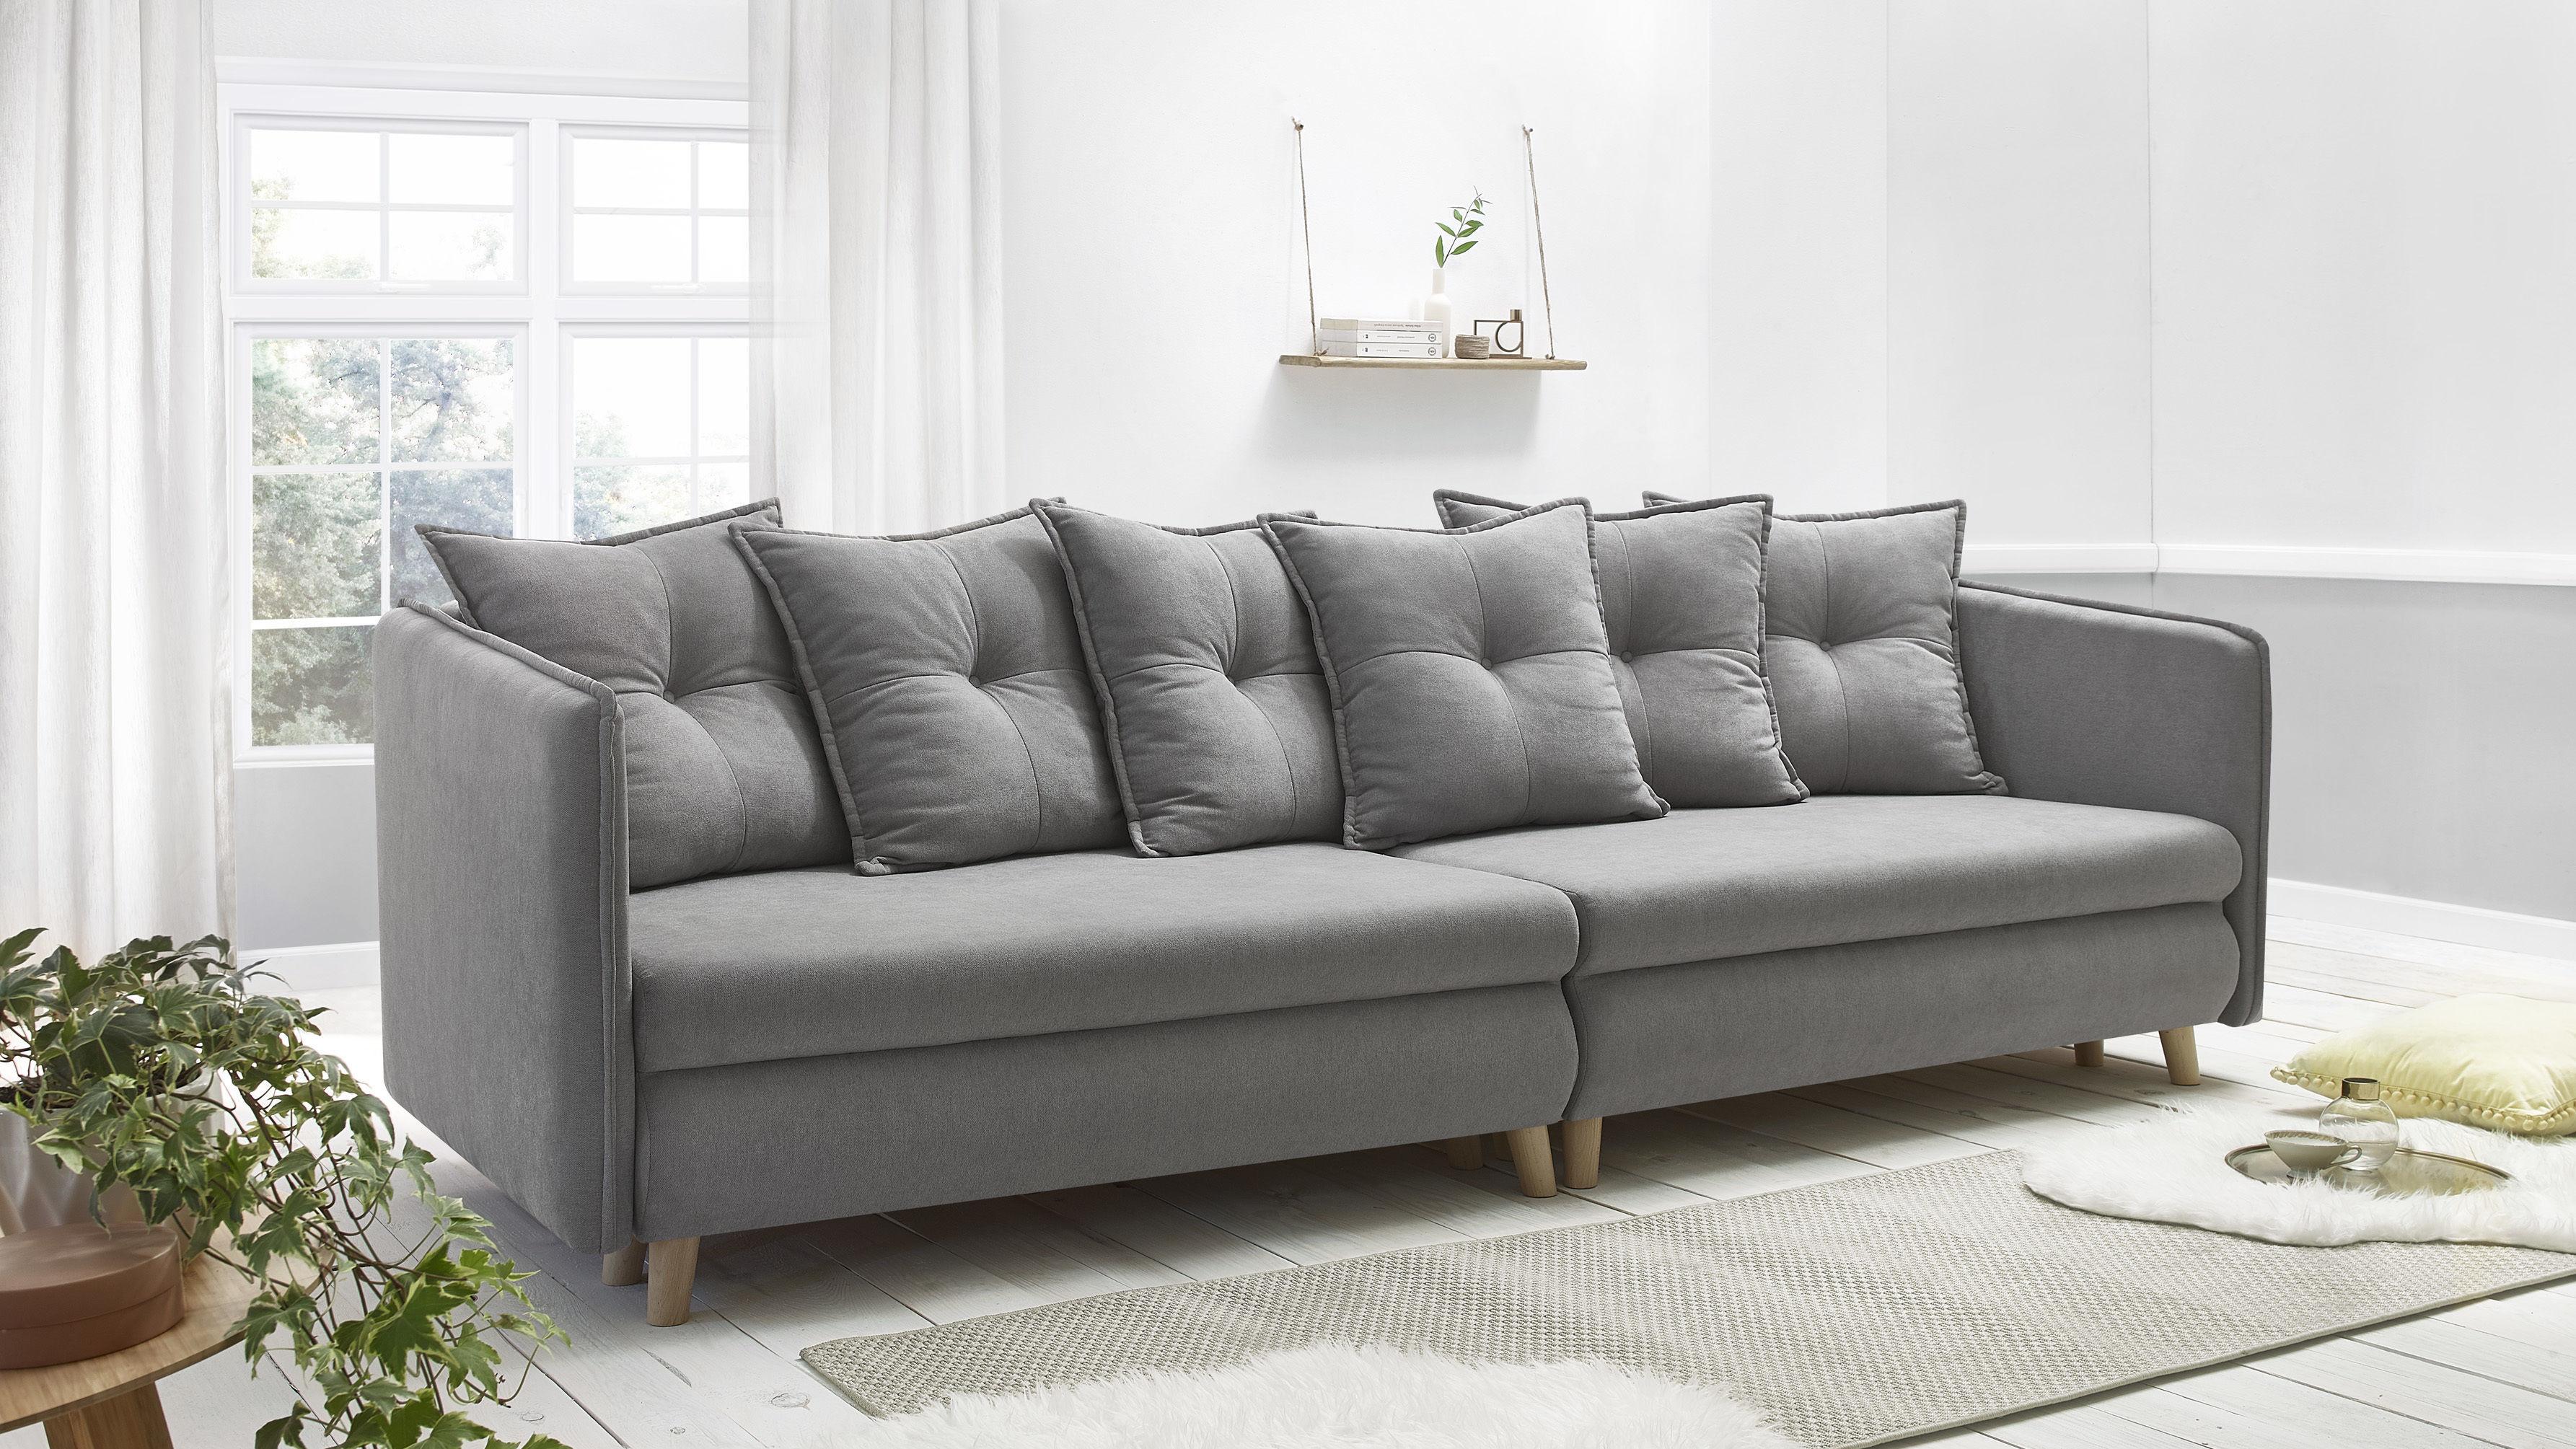 bobochic canap opti sofa 4 places convertible gris clair 103cm x 77cm x 264cm achat. Black Bedroom Furniture Sets. Home Design Ideas